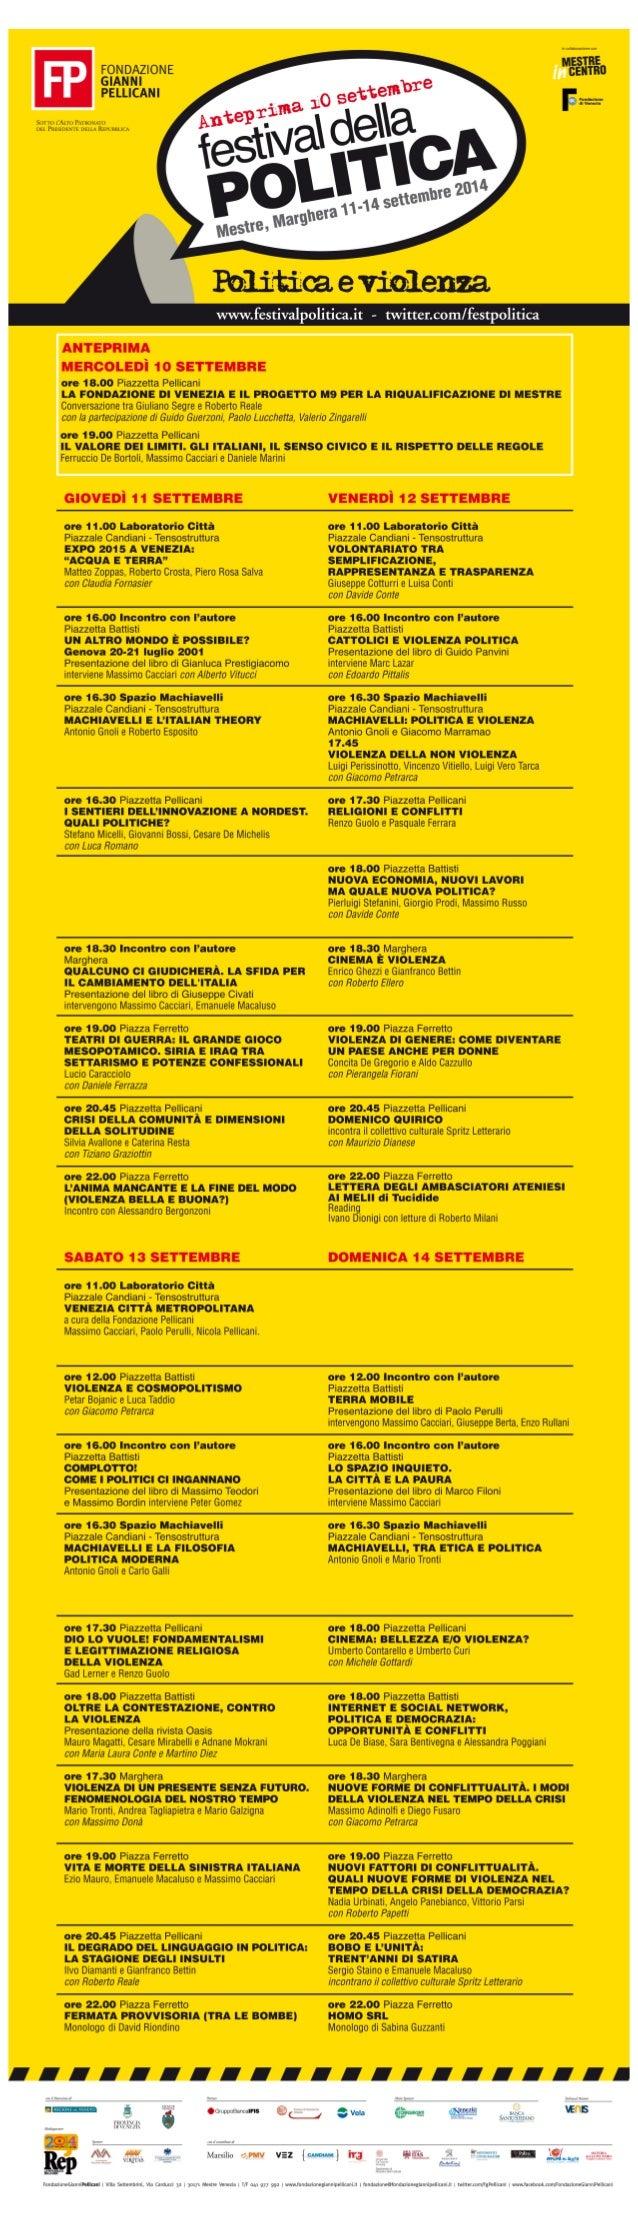 Festival della Politica 2014 - PROGRAMMA